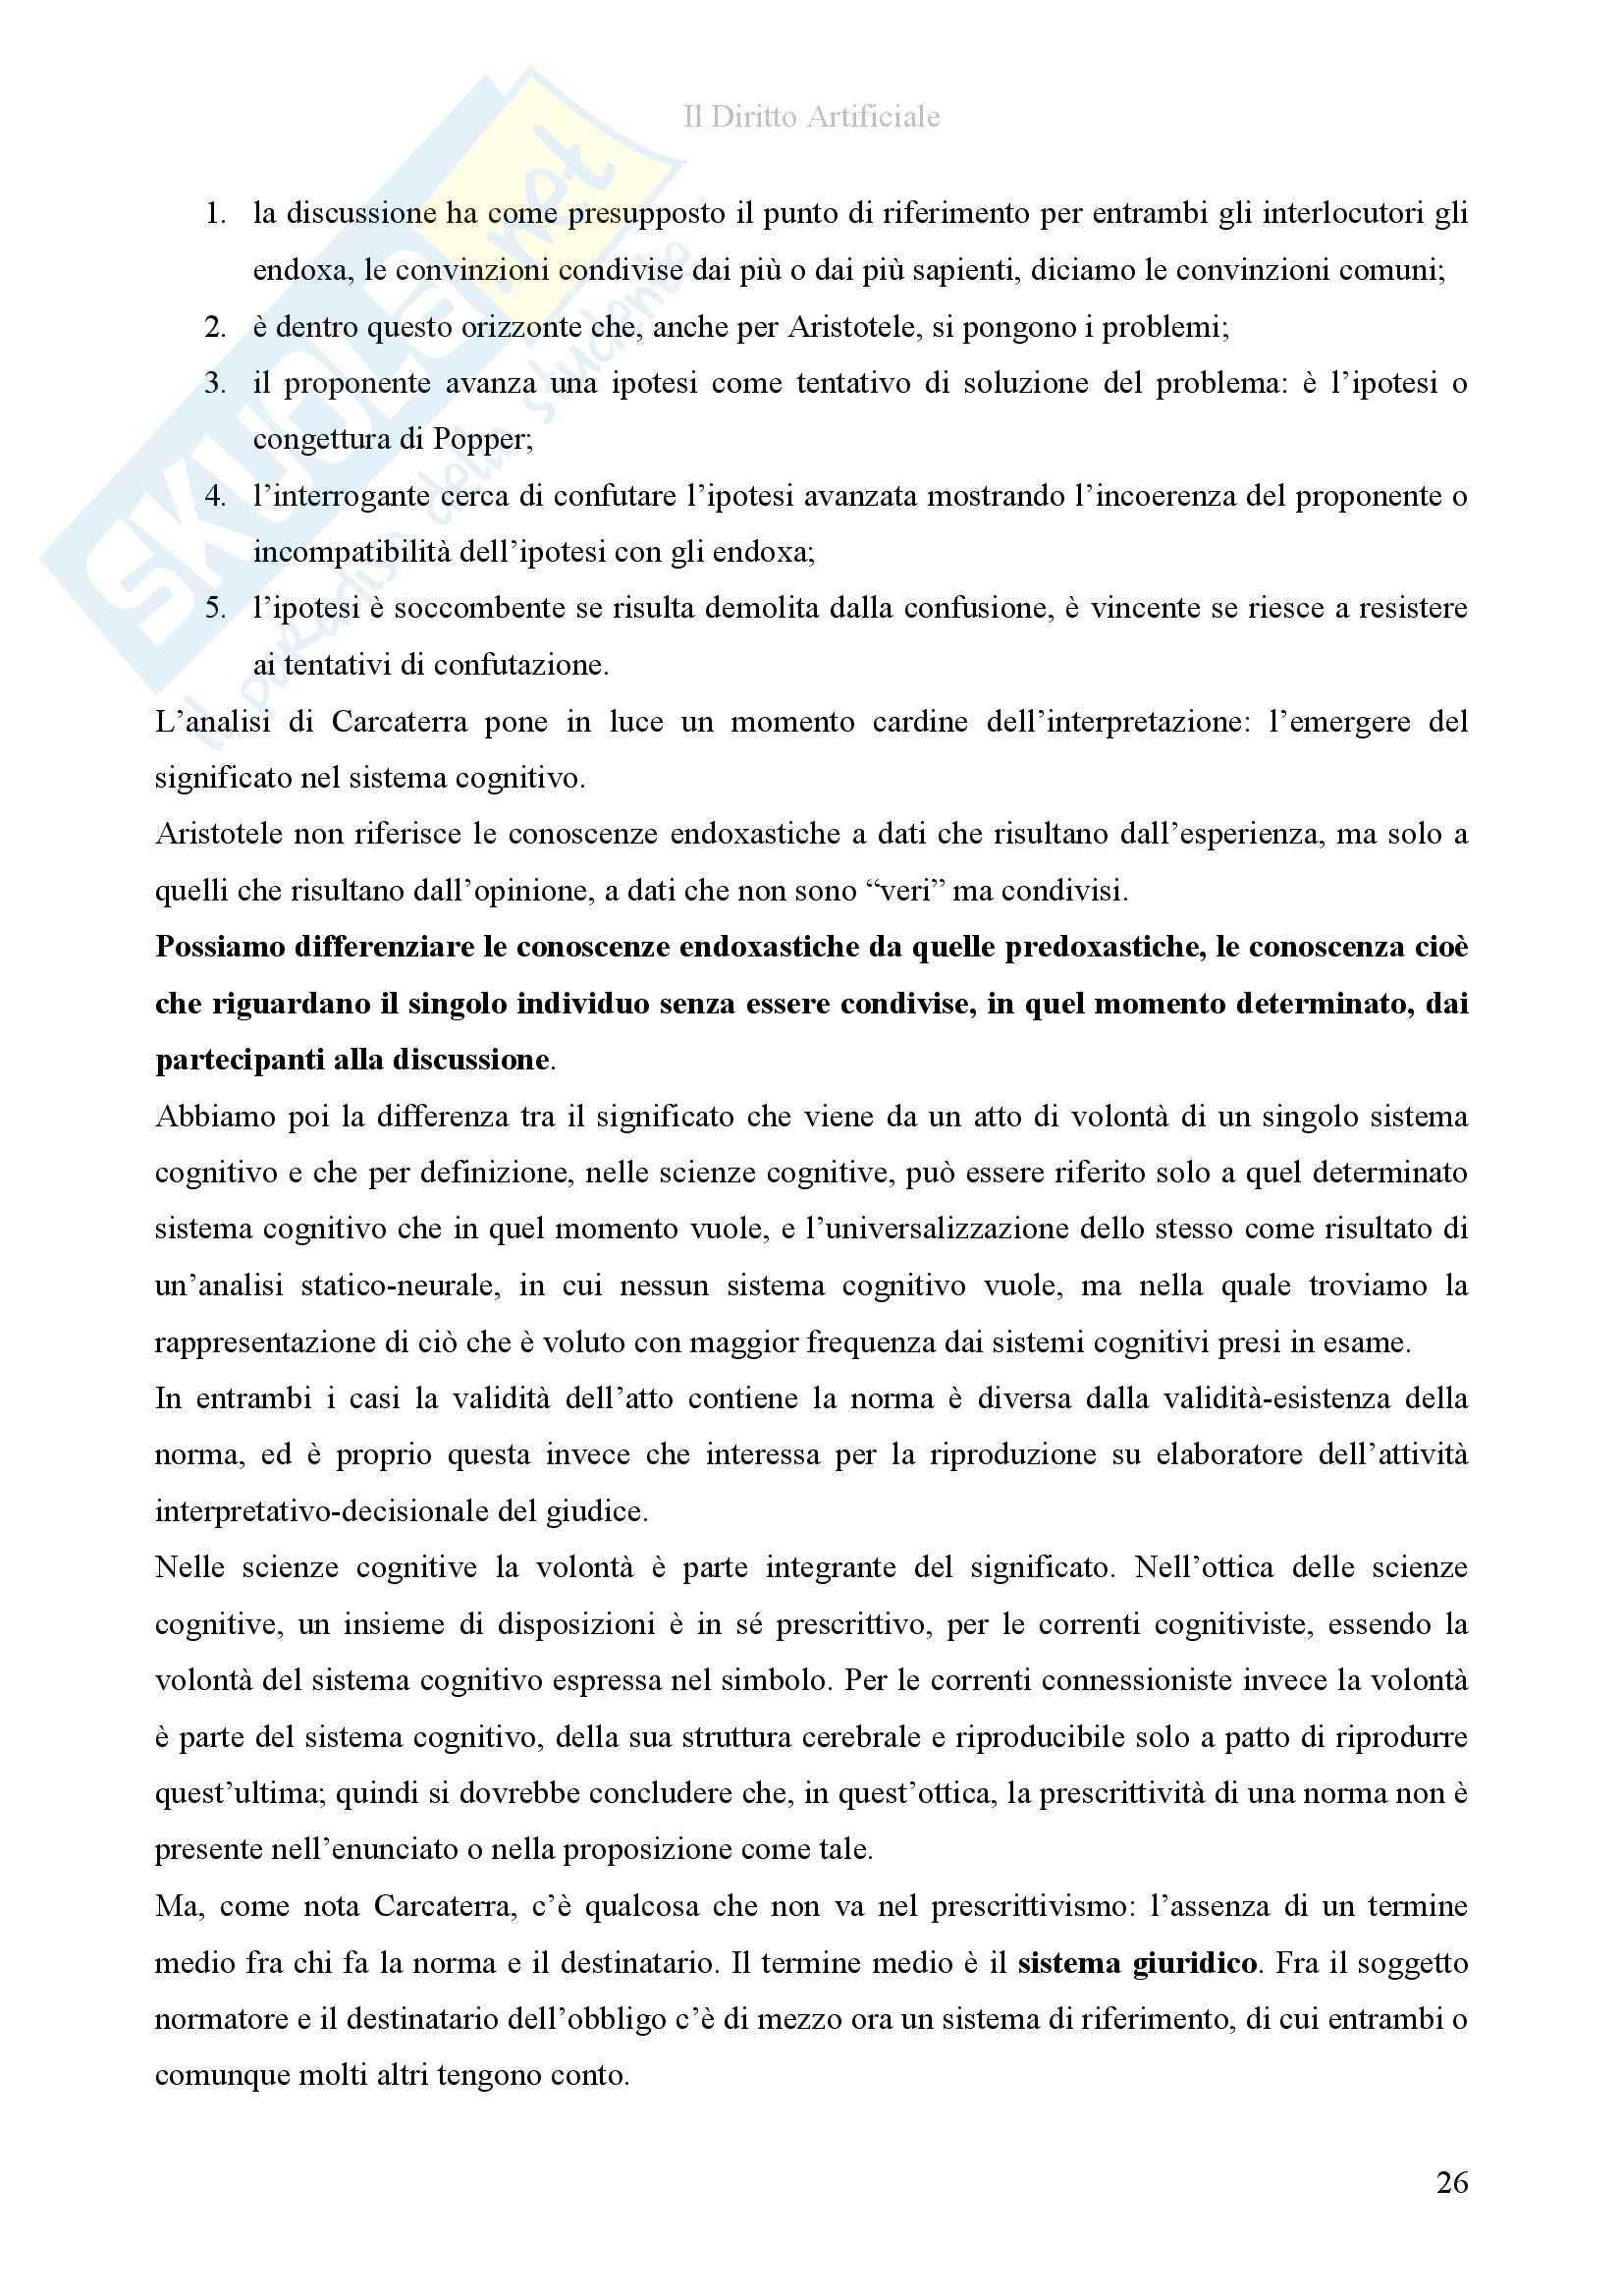 Riassunto esame diInformatica giuridica,, prof. Romeo, libro consigliato Il diritto artificiale, Romeo Pag. 26